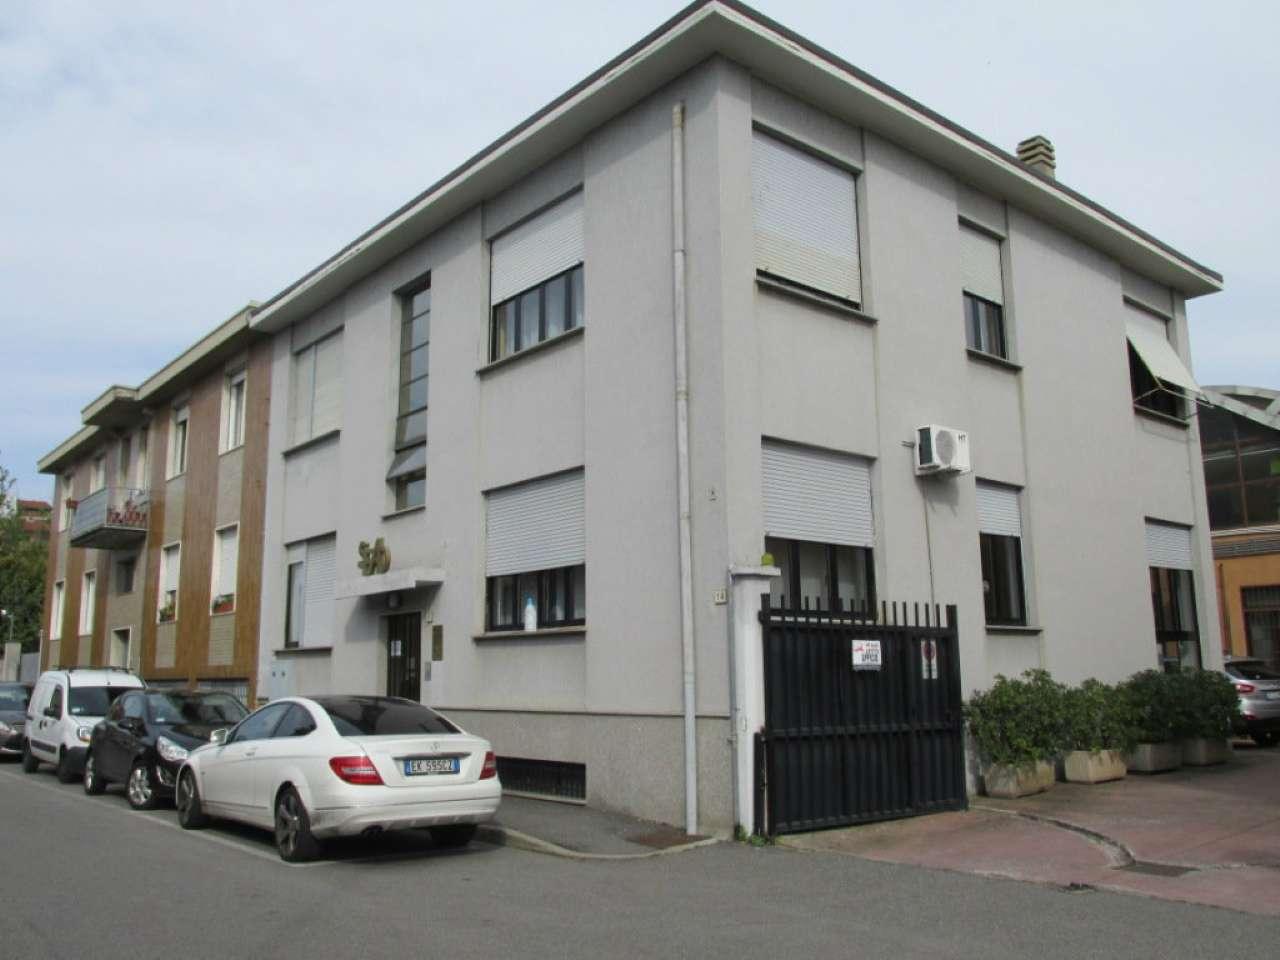 Ufficio-studio in Affitto a Segrate: 3 locali, 90 mq